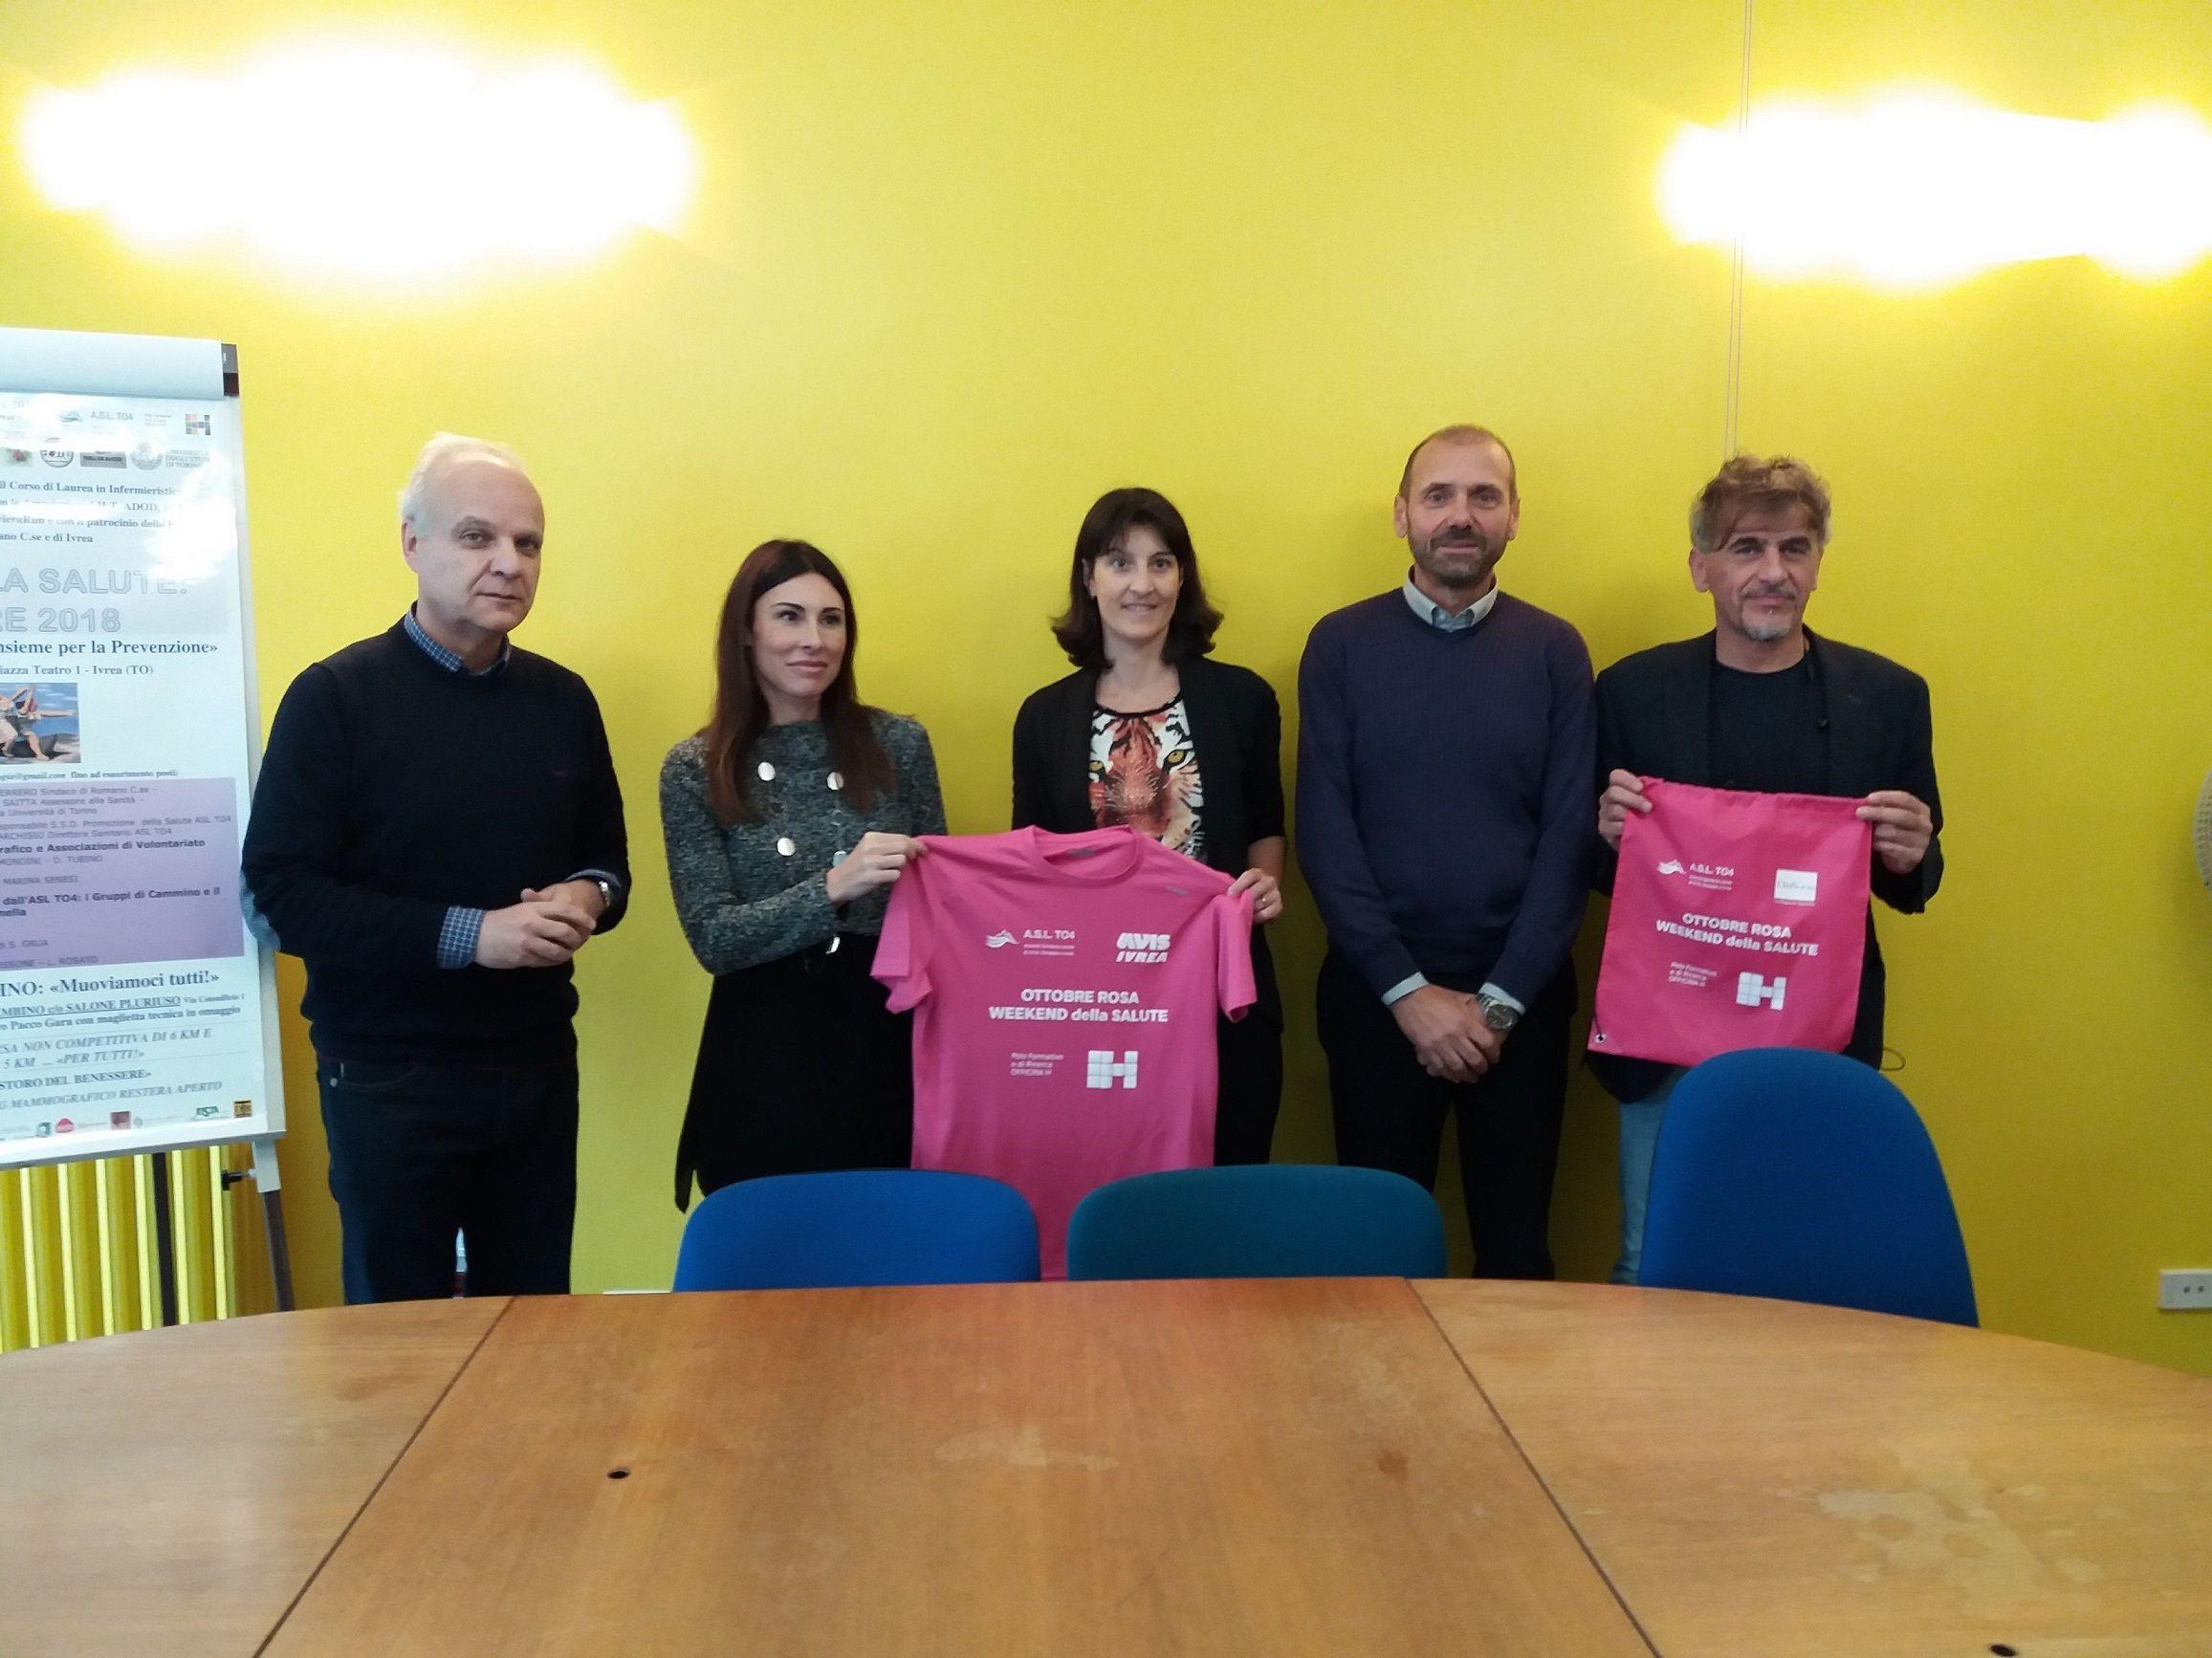 IVREA-STRAMBINO - Prevenzione tumore al seno: weekend di eventi